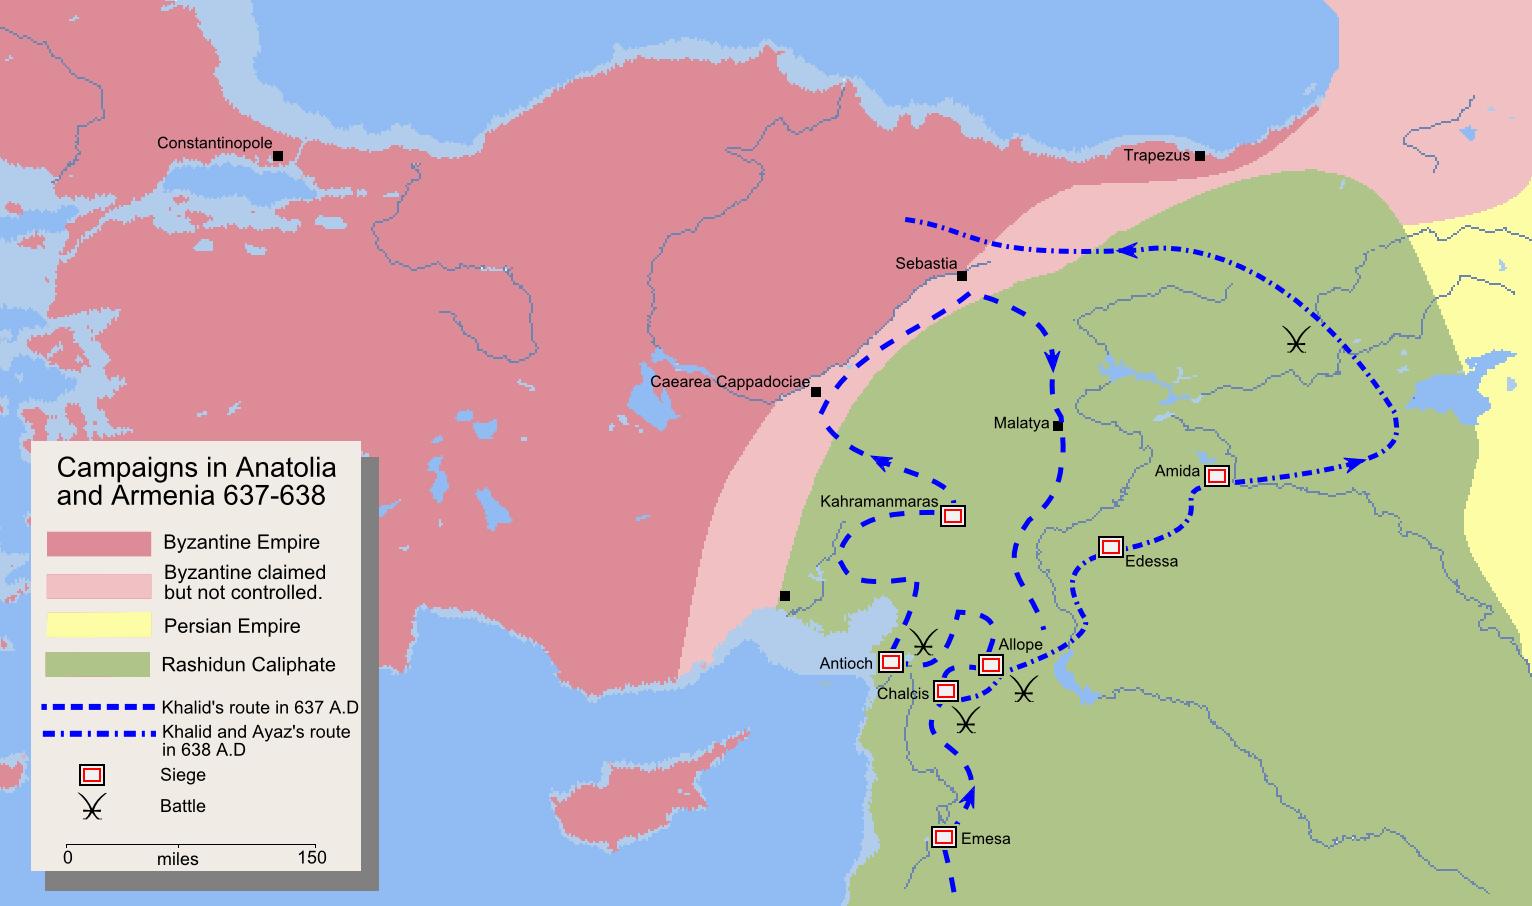 Campaigns in Anatolia and Armenia 637-638